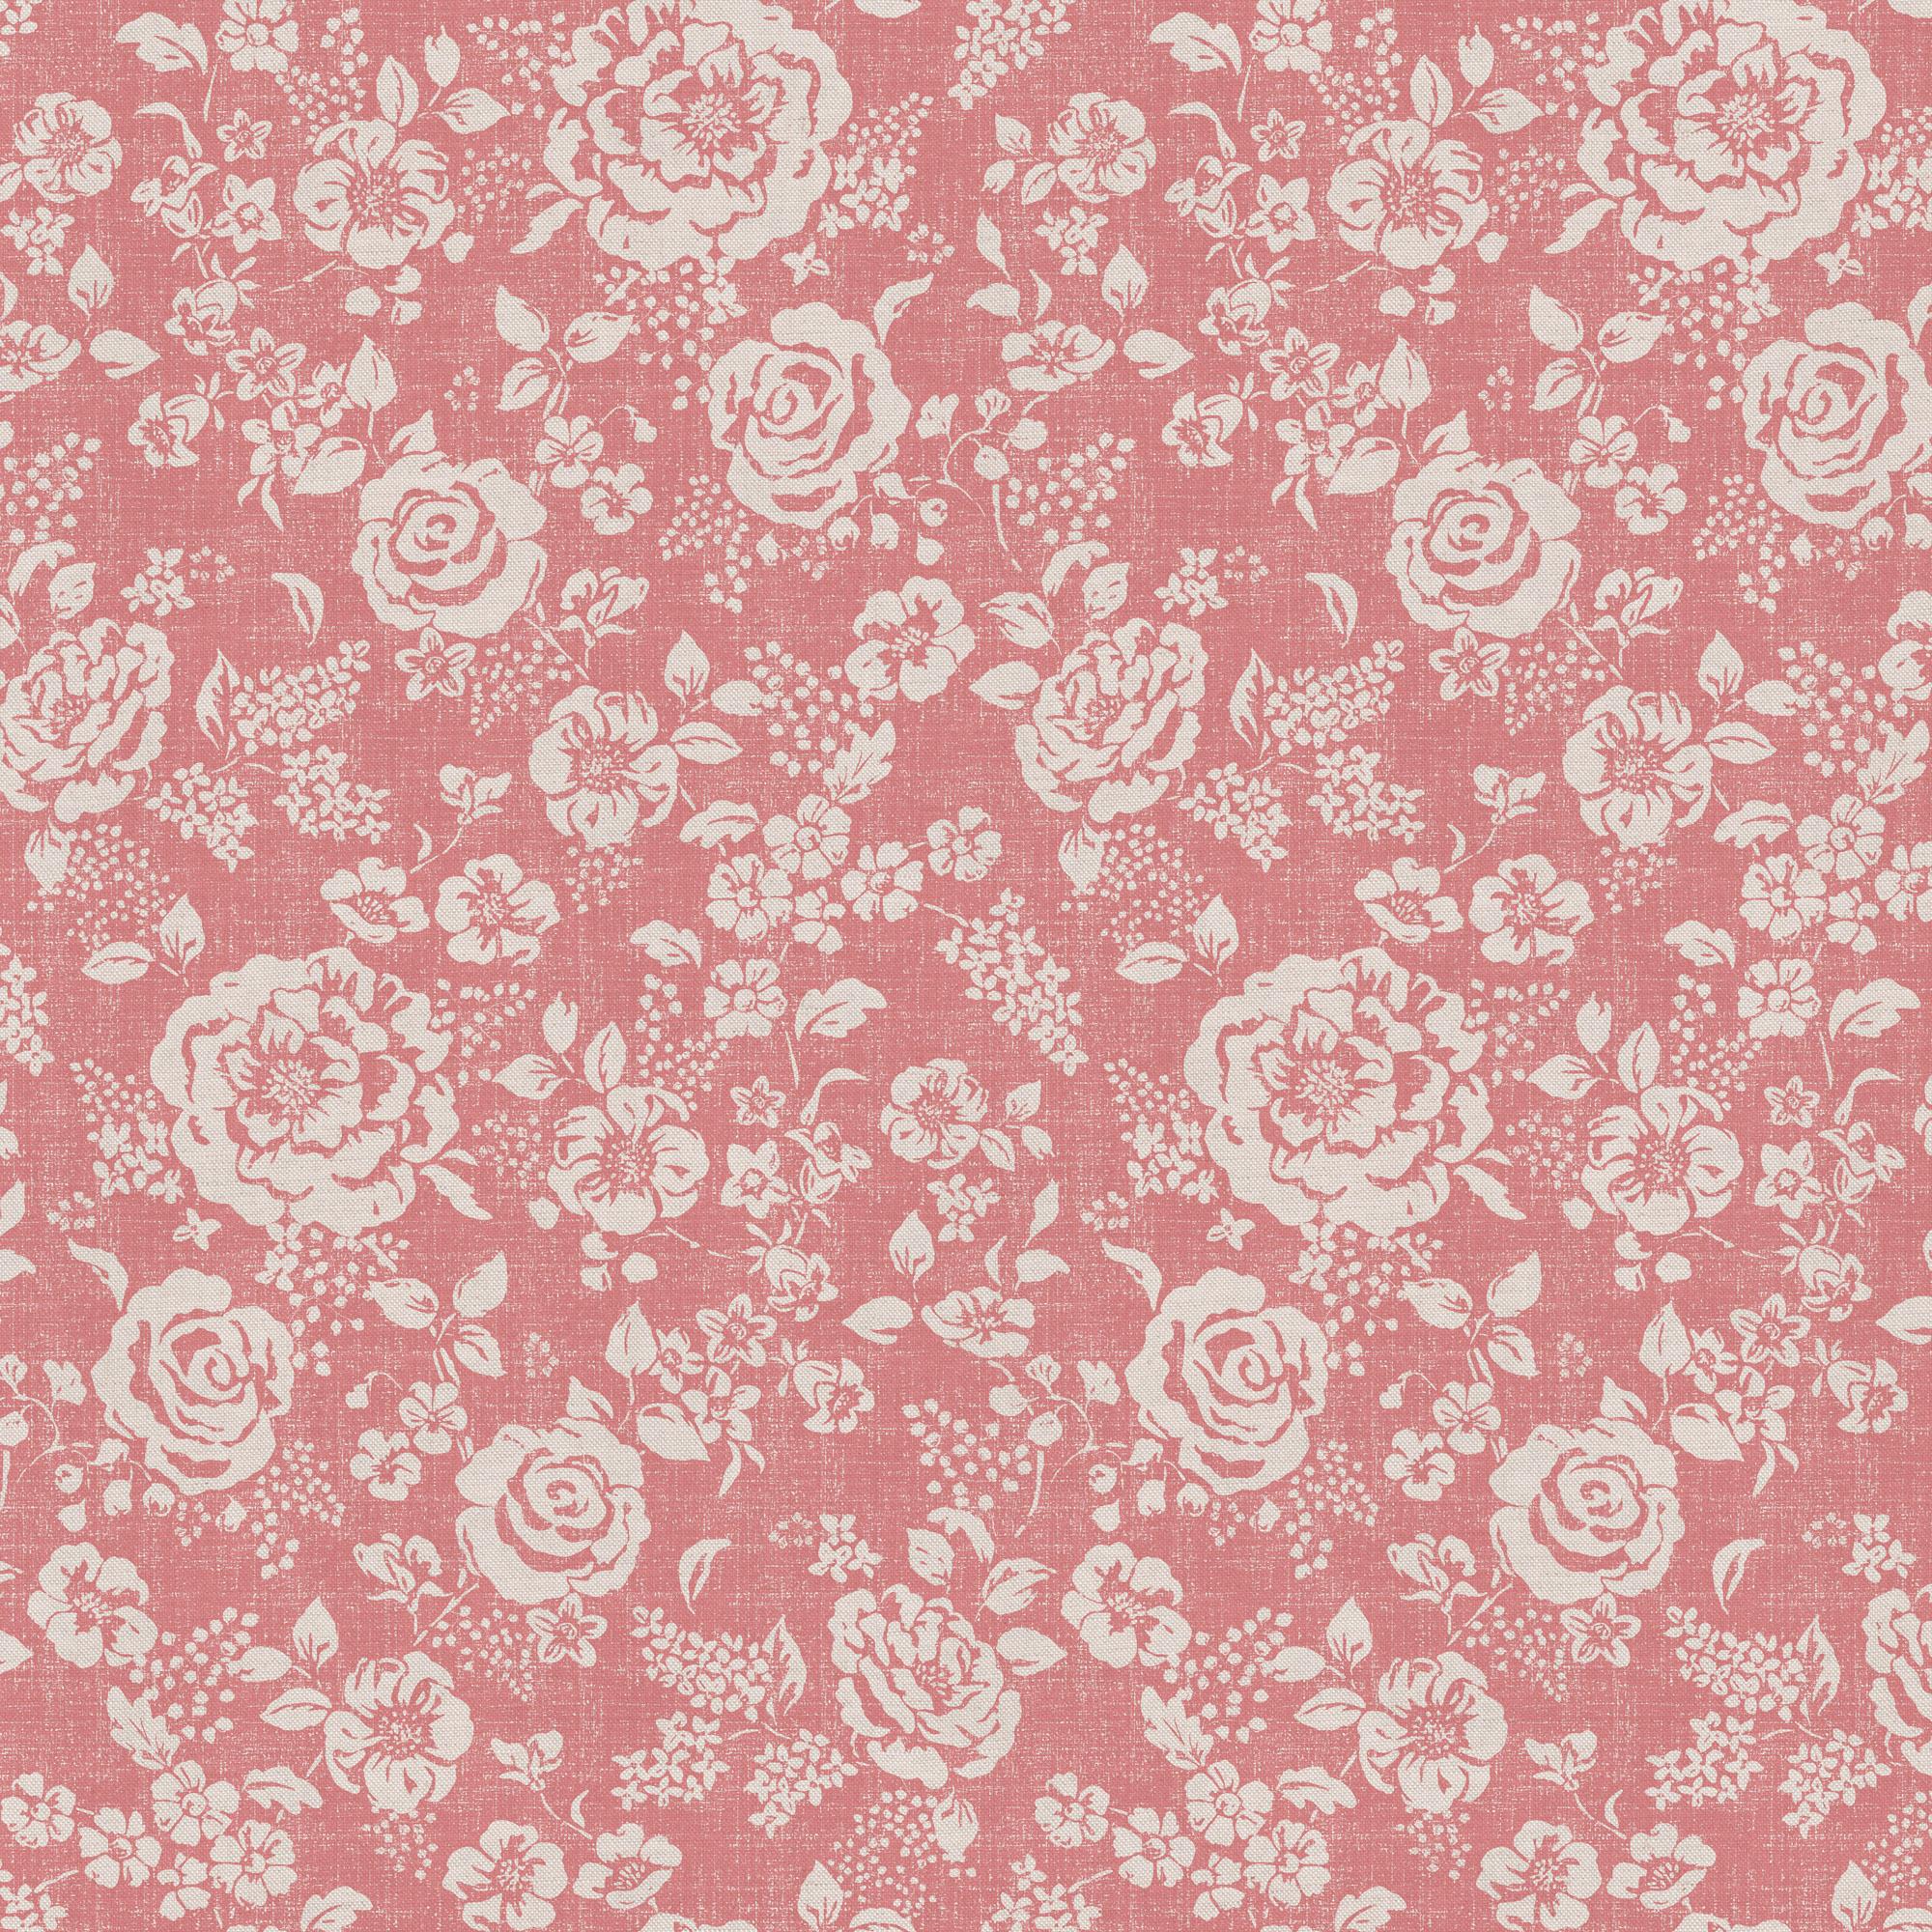 Rose Garden Rose